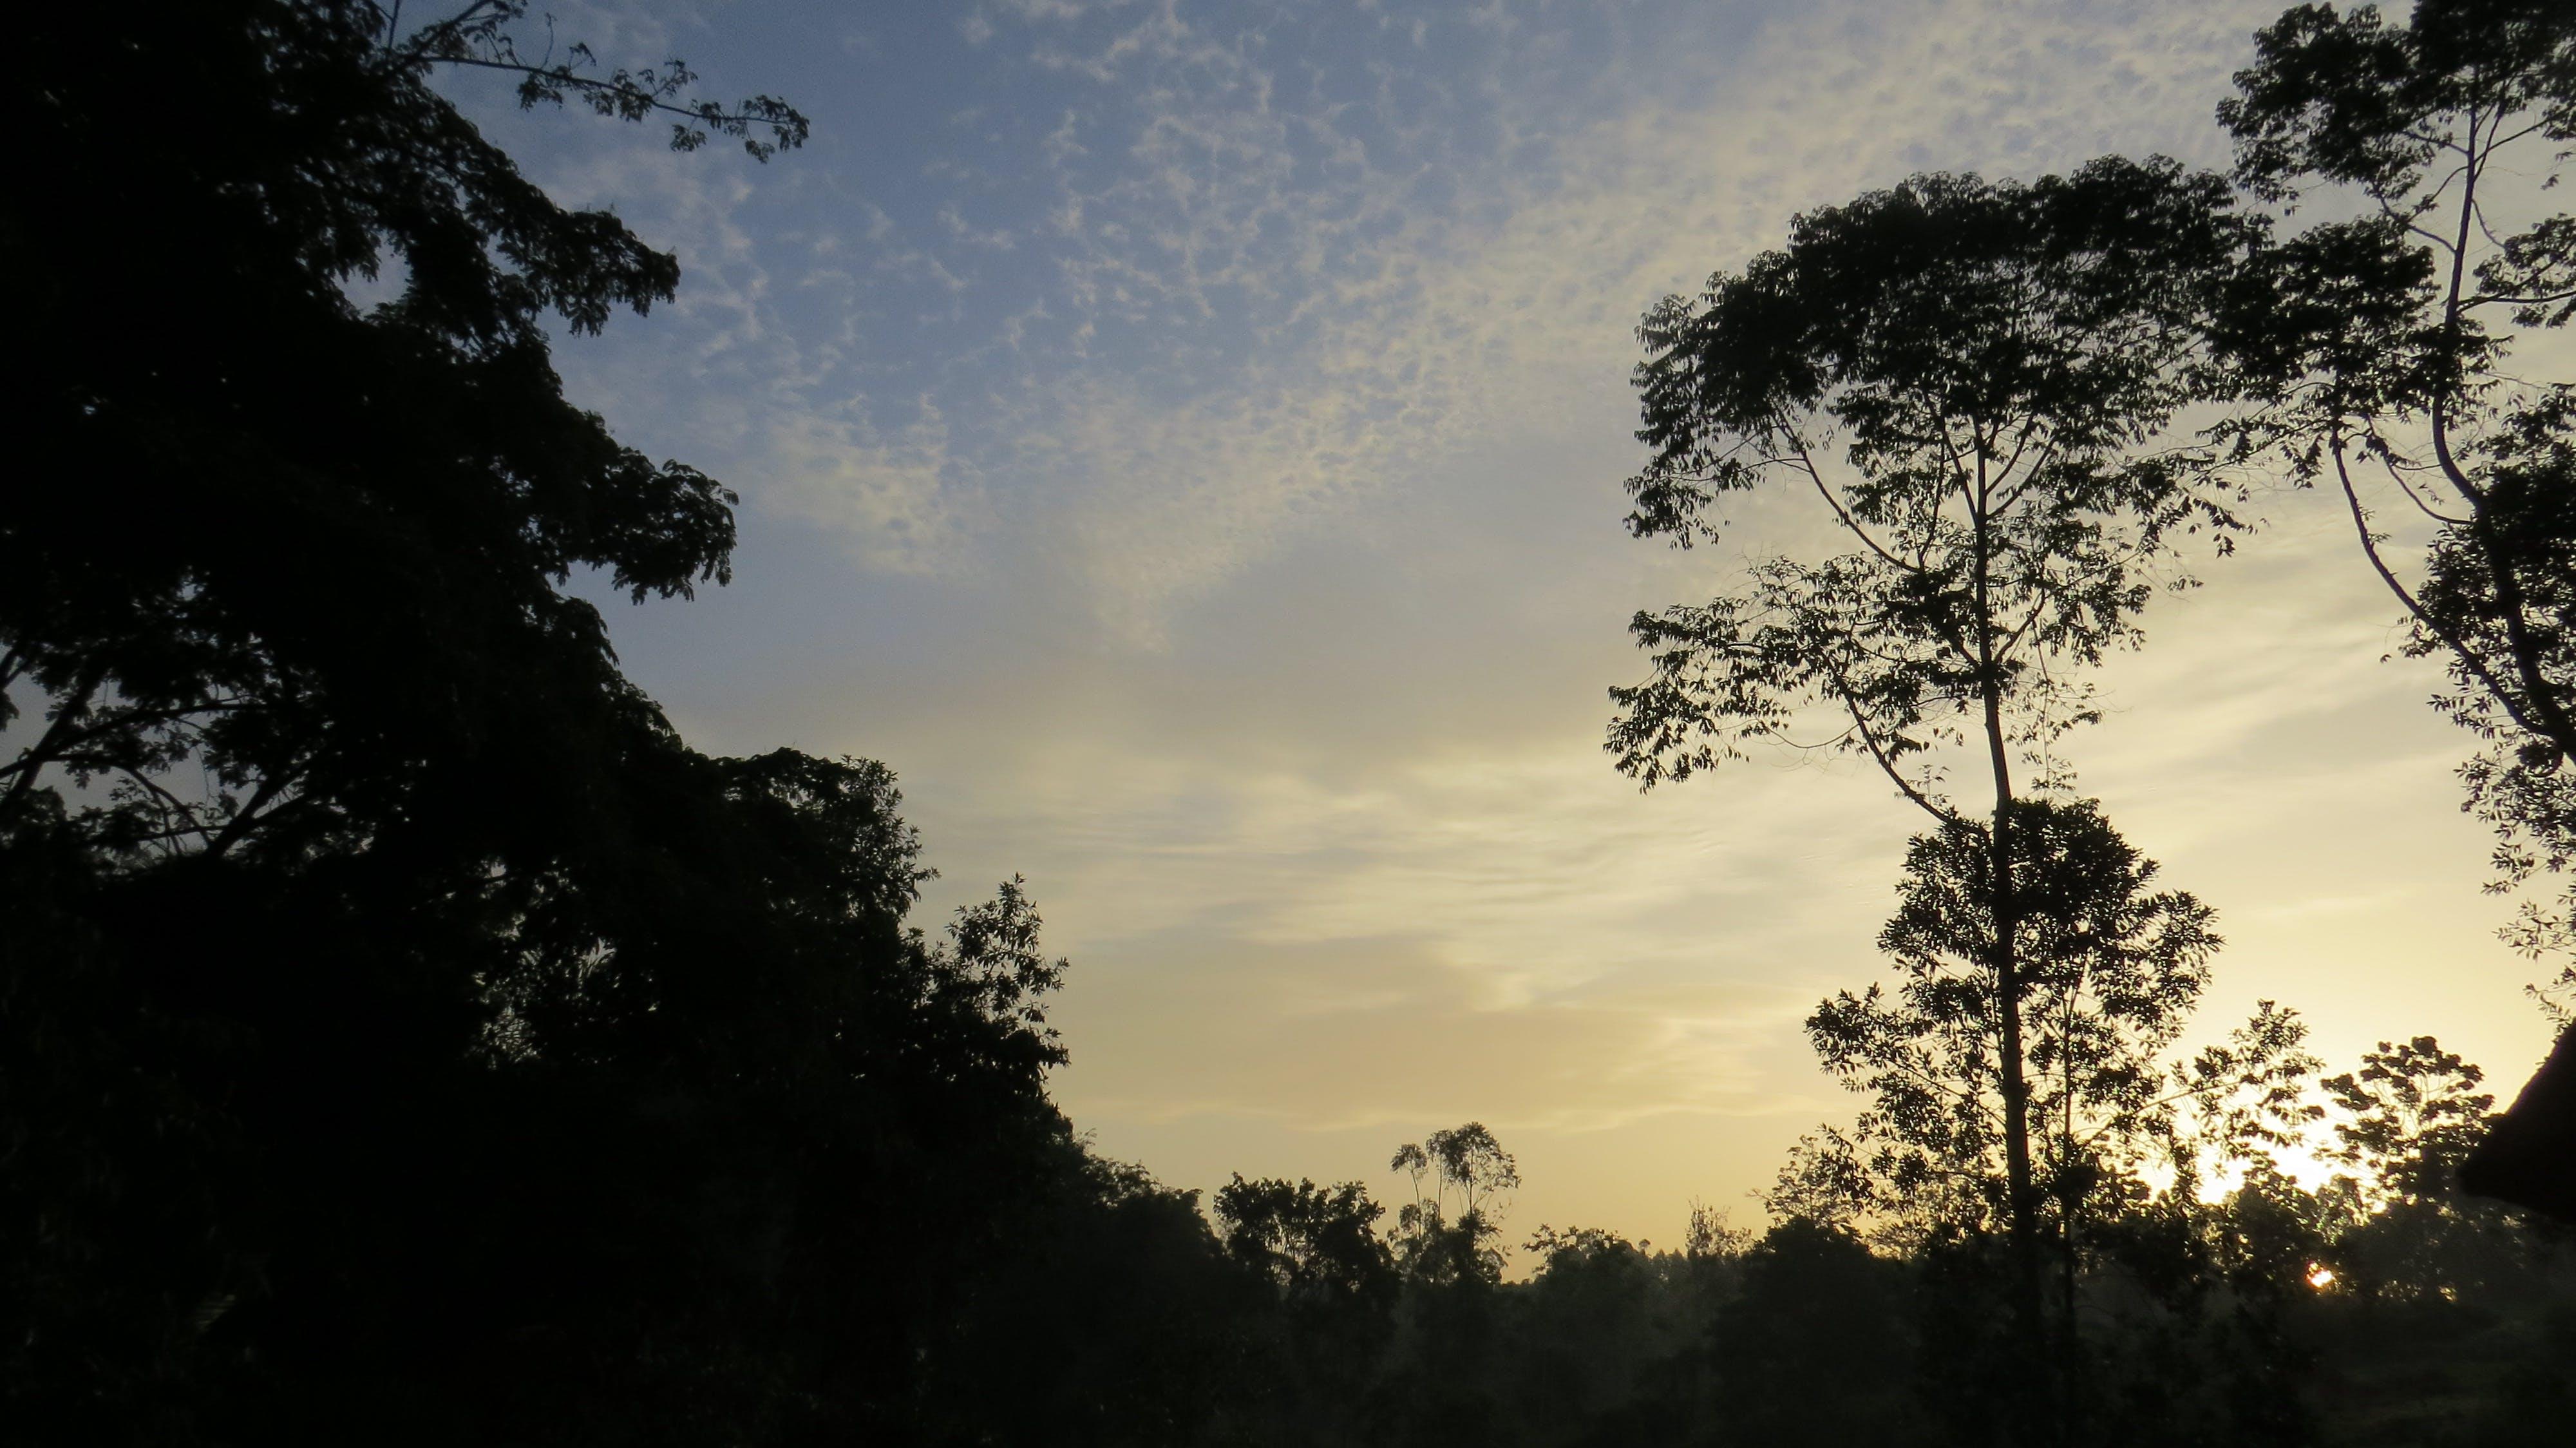 Δωρεάν στοκ φωτογραφιών με kibale, kibale δάσος, Ανατολή ηλίου, Αφρική